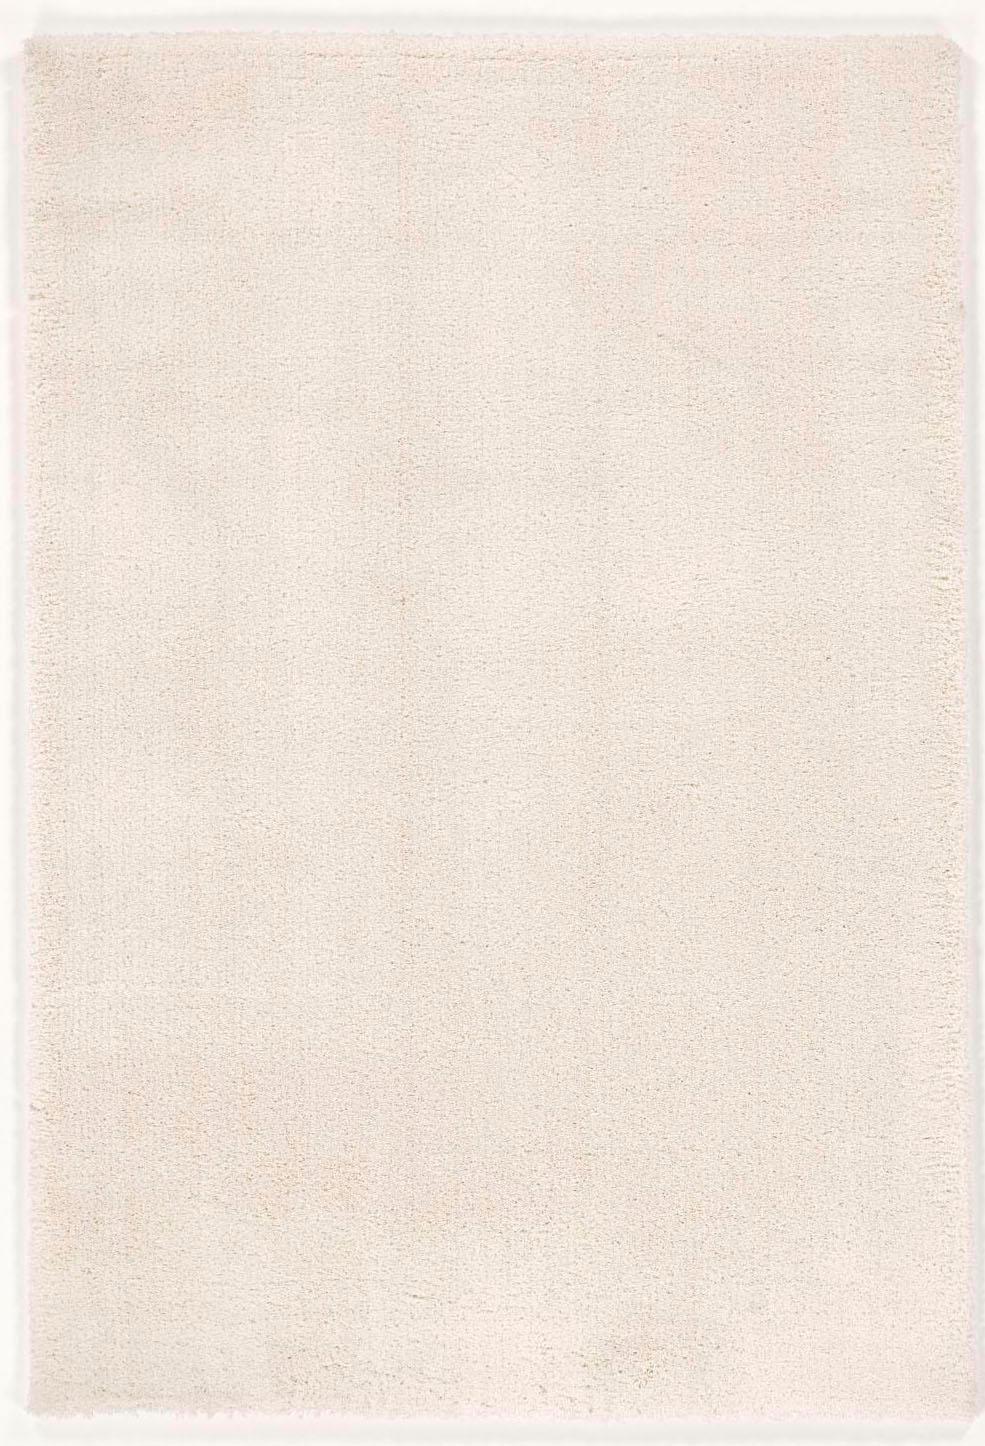 Hochflor-Teppich Royal Uni OCI DIE TEPPICHMARKE rechteckig Höhe 30 mm maschinell gewebt